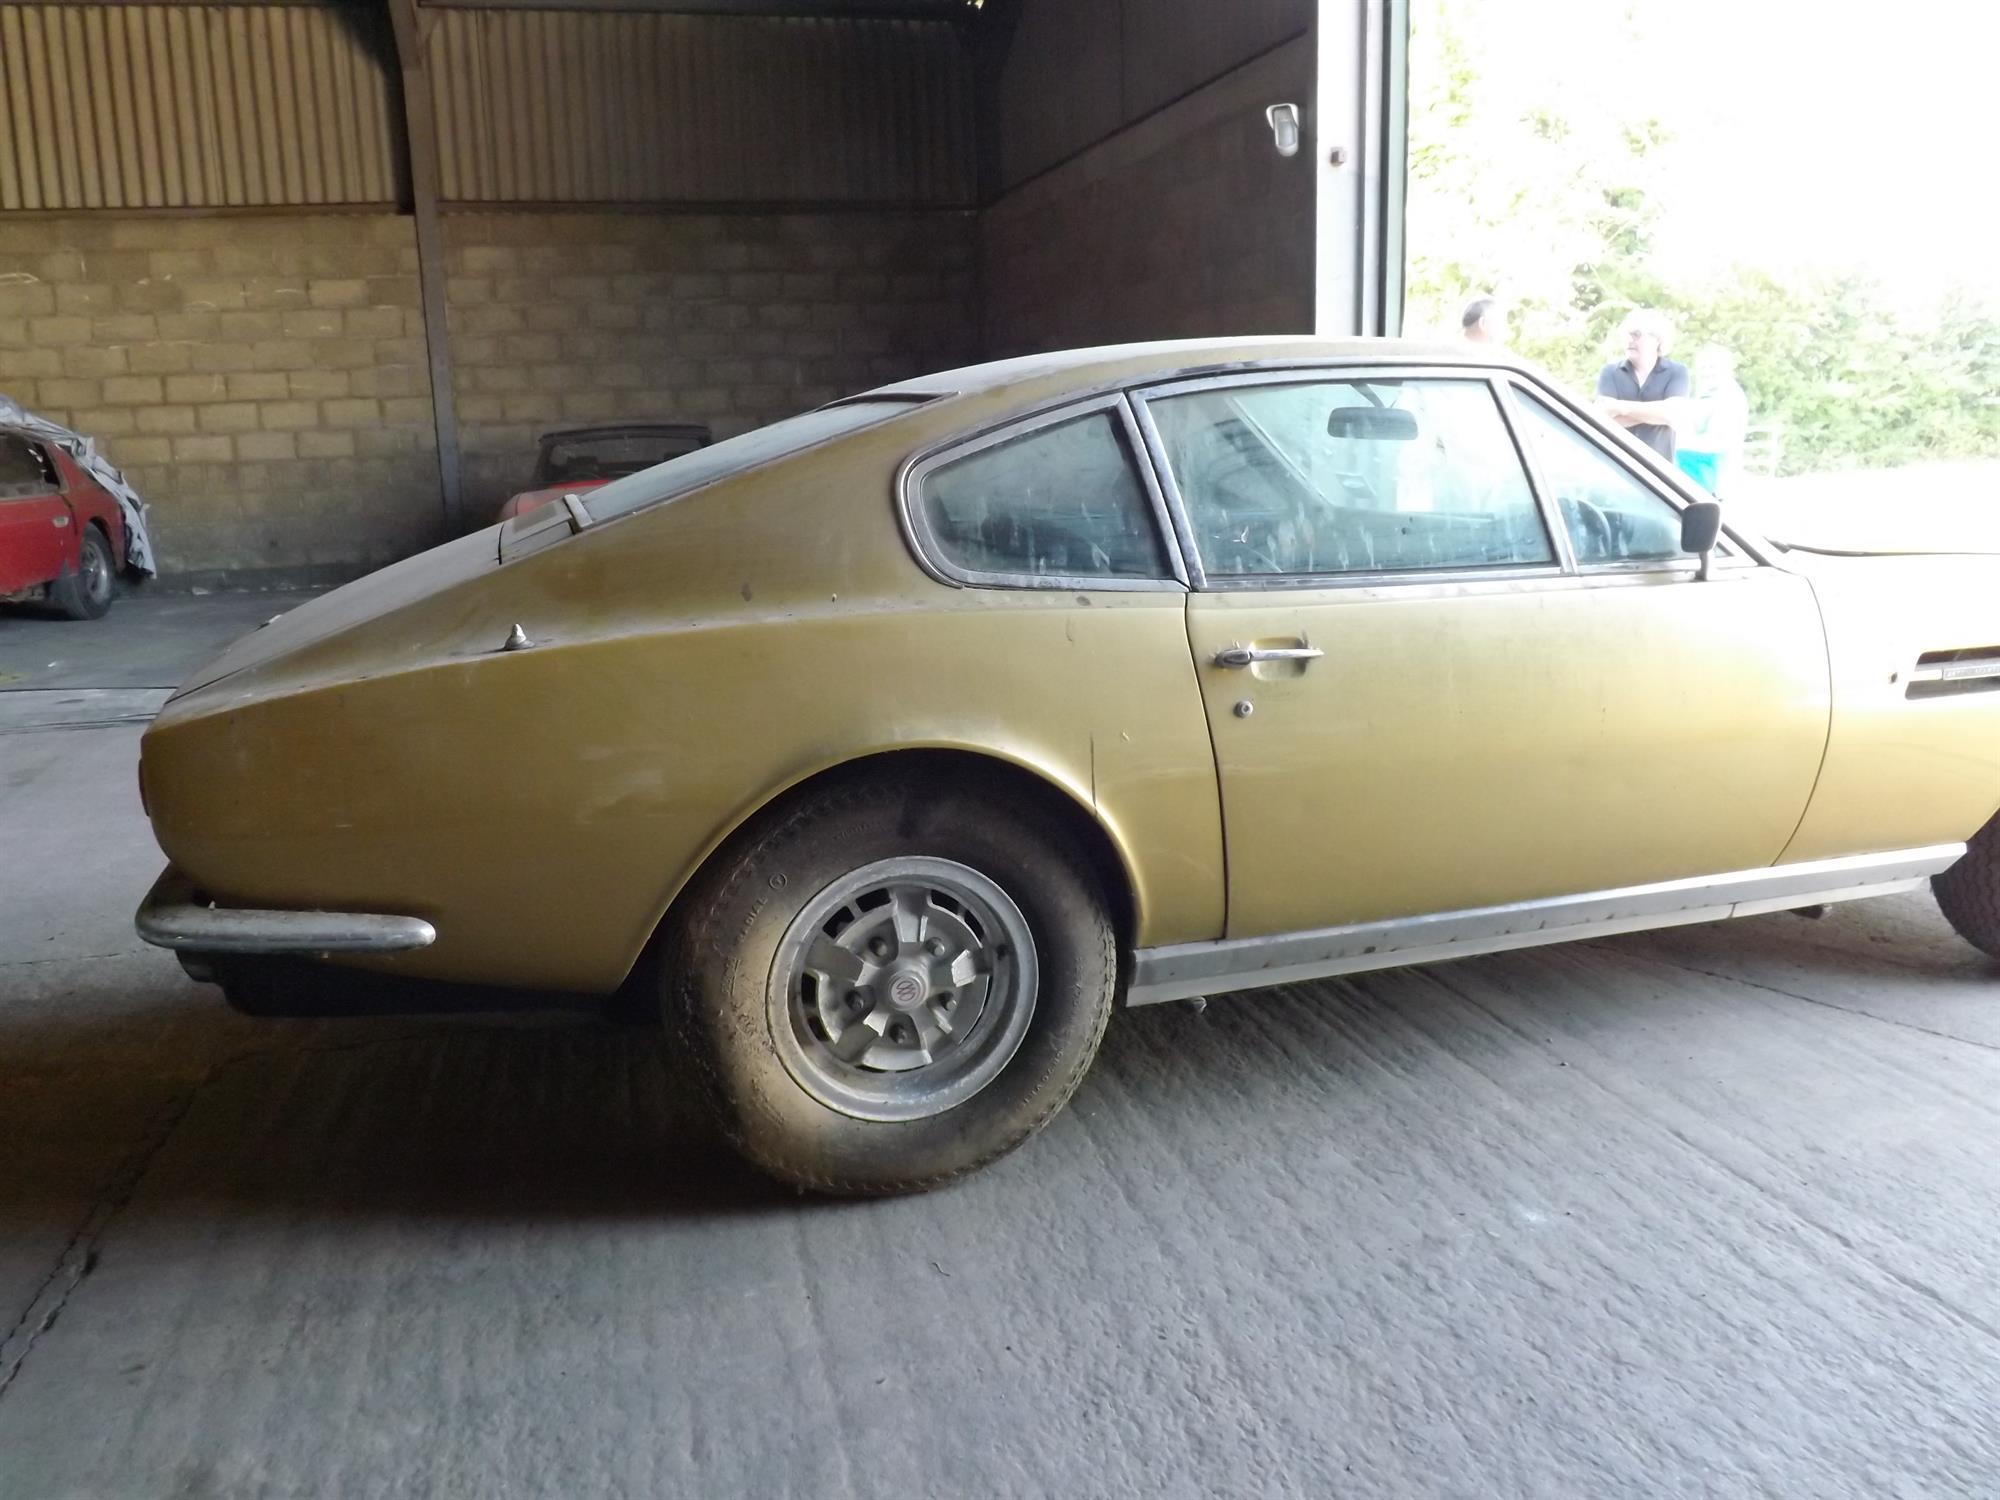 1973 Aston Martin AM V8 - Garage Find - Image 8 of 13